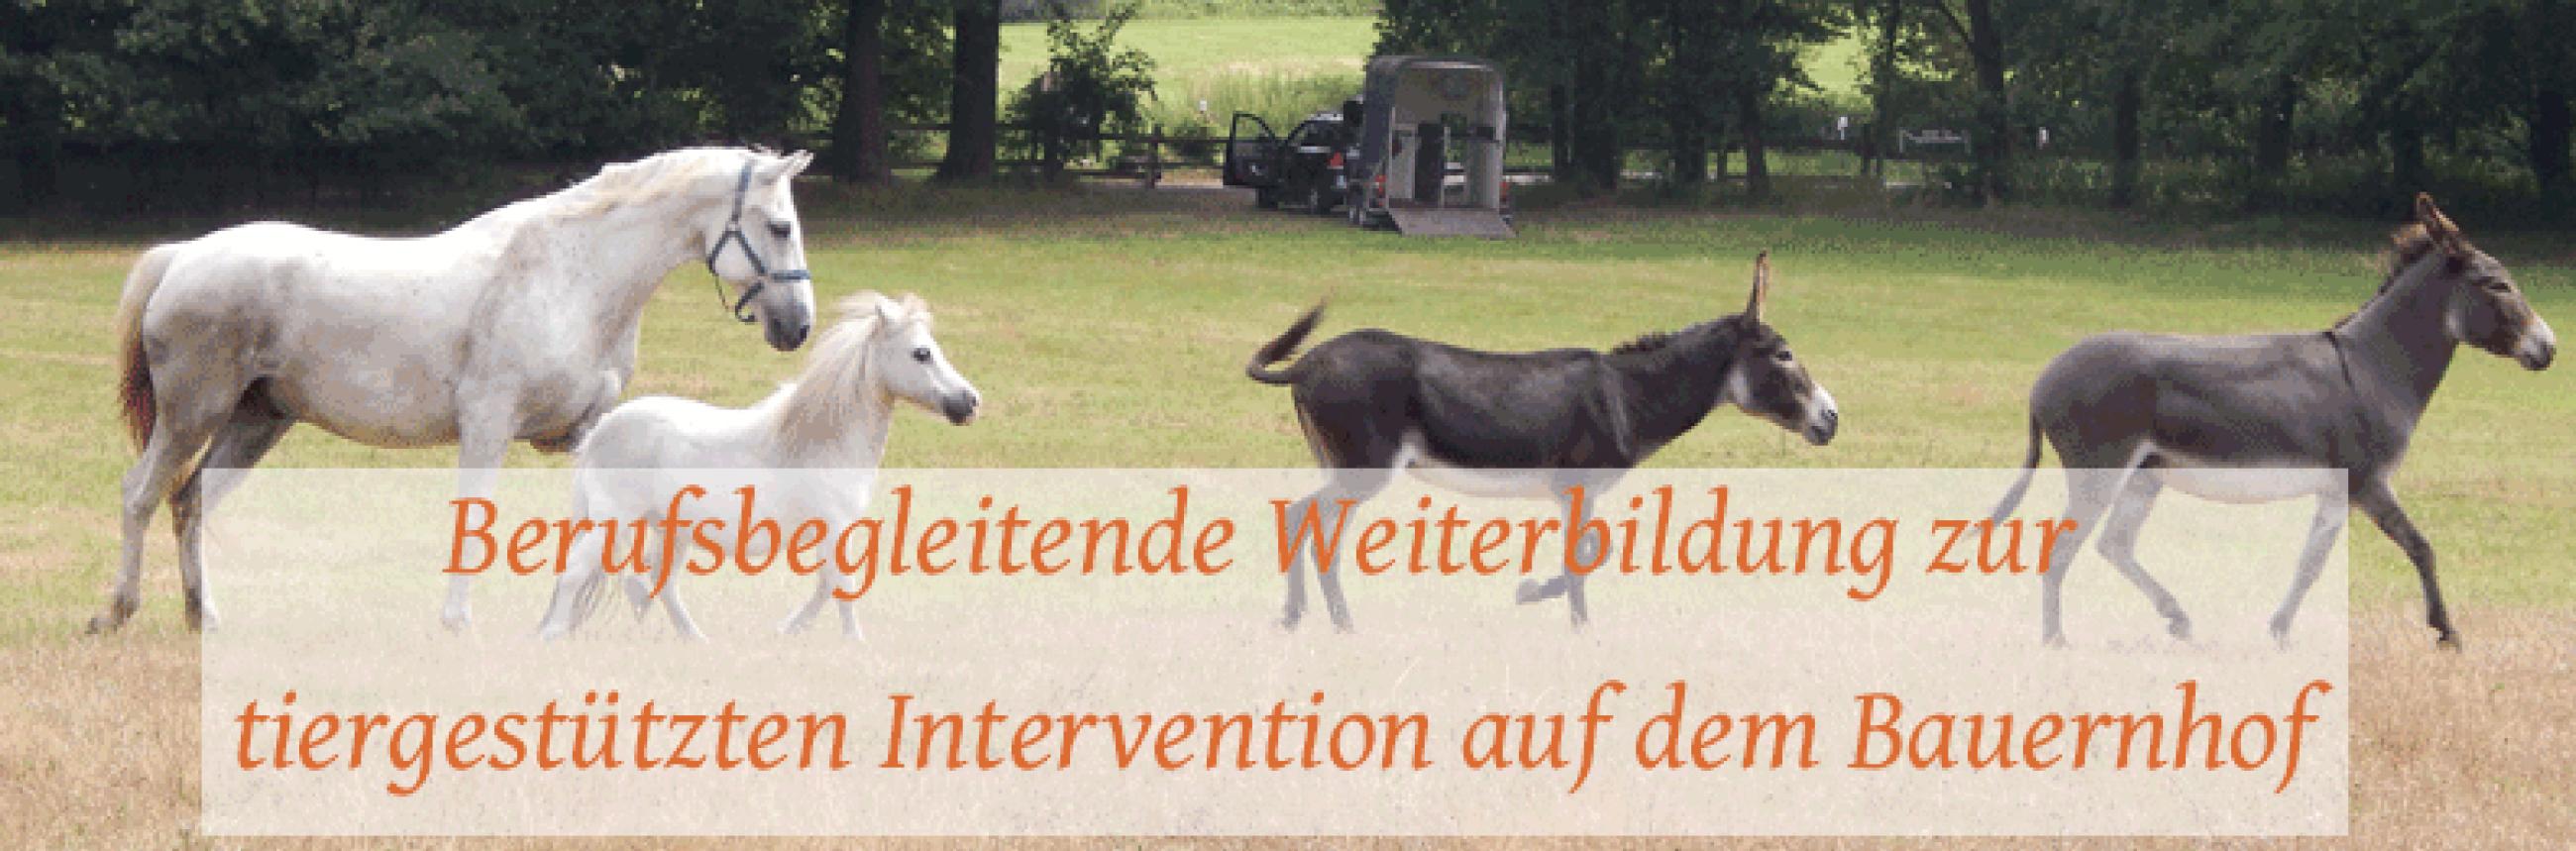 Ausbildung tiergestützte Intervention mit Bauernhoftieren